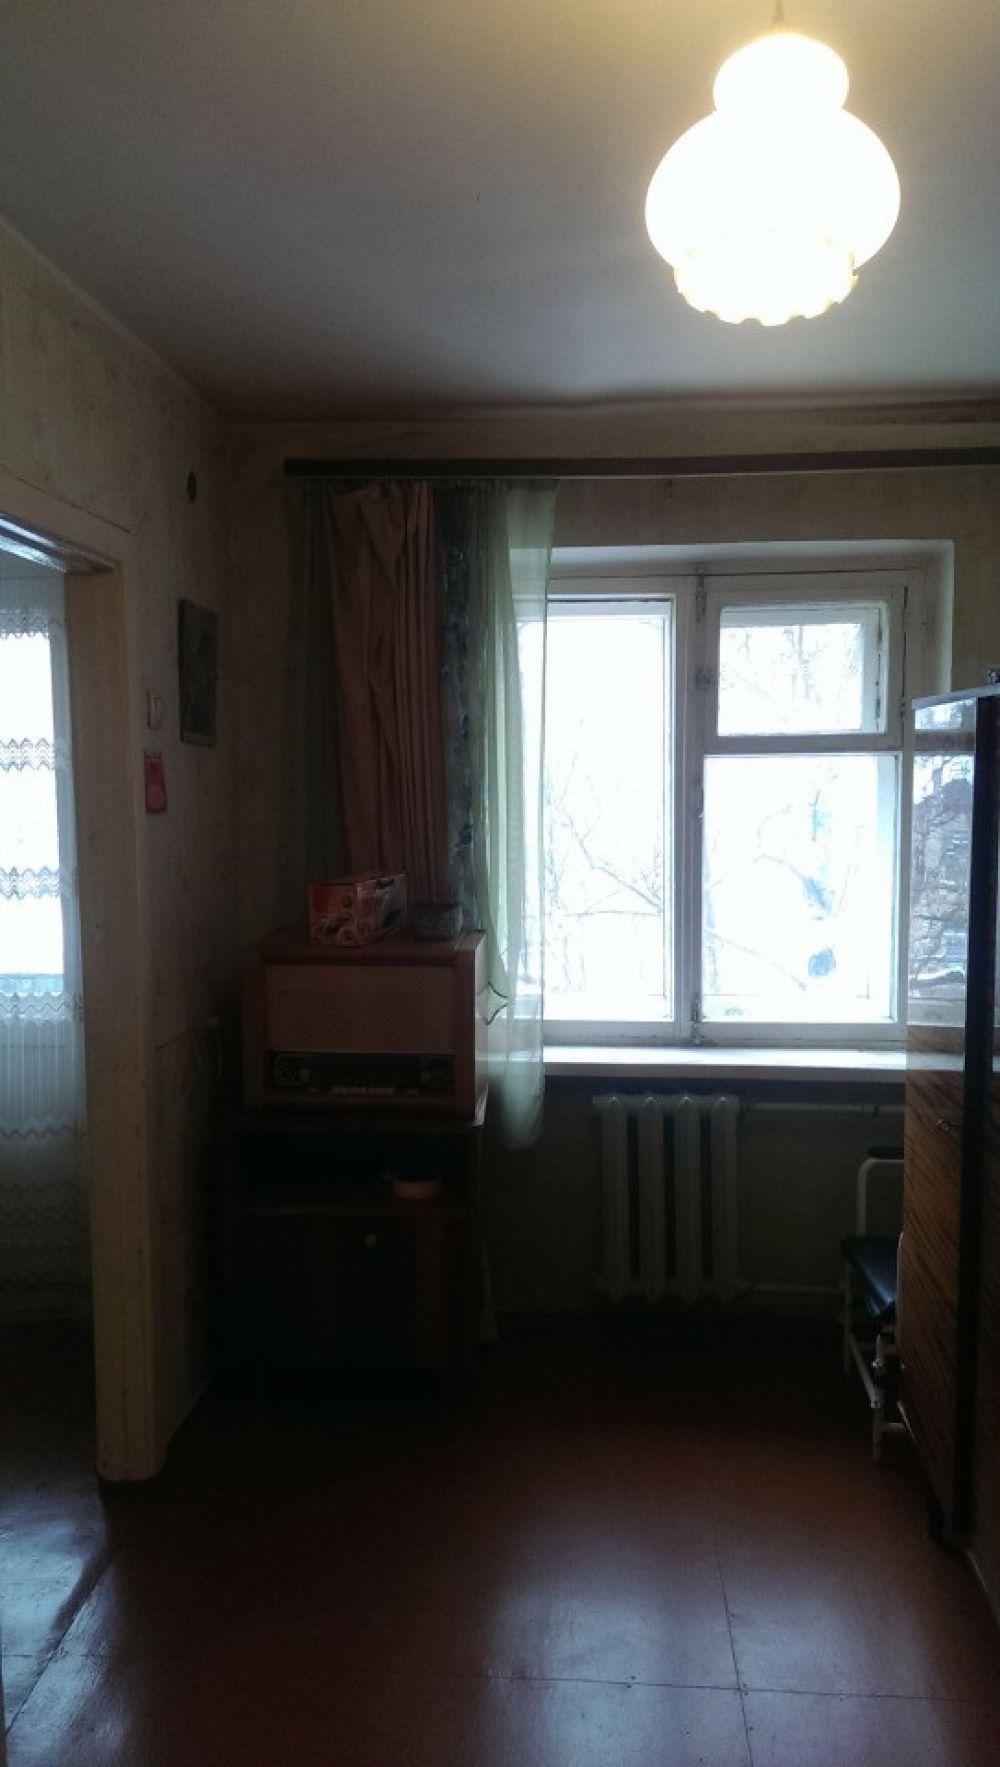 Двухкомнатная квартира, 44.5 м2, Щёлково, улица 8 Марта, 17А, фото 4